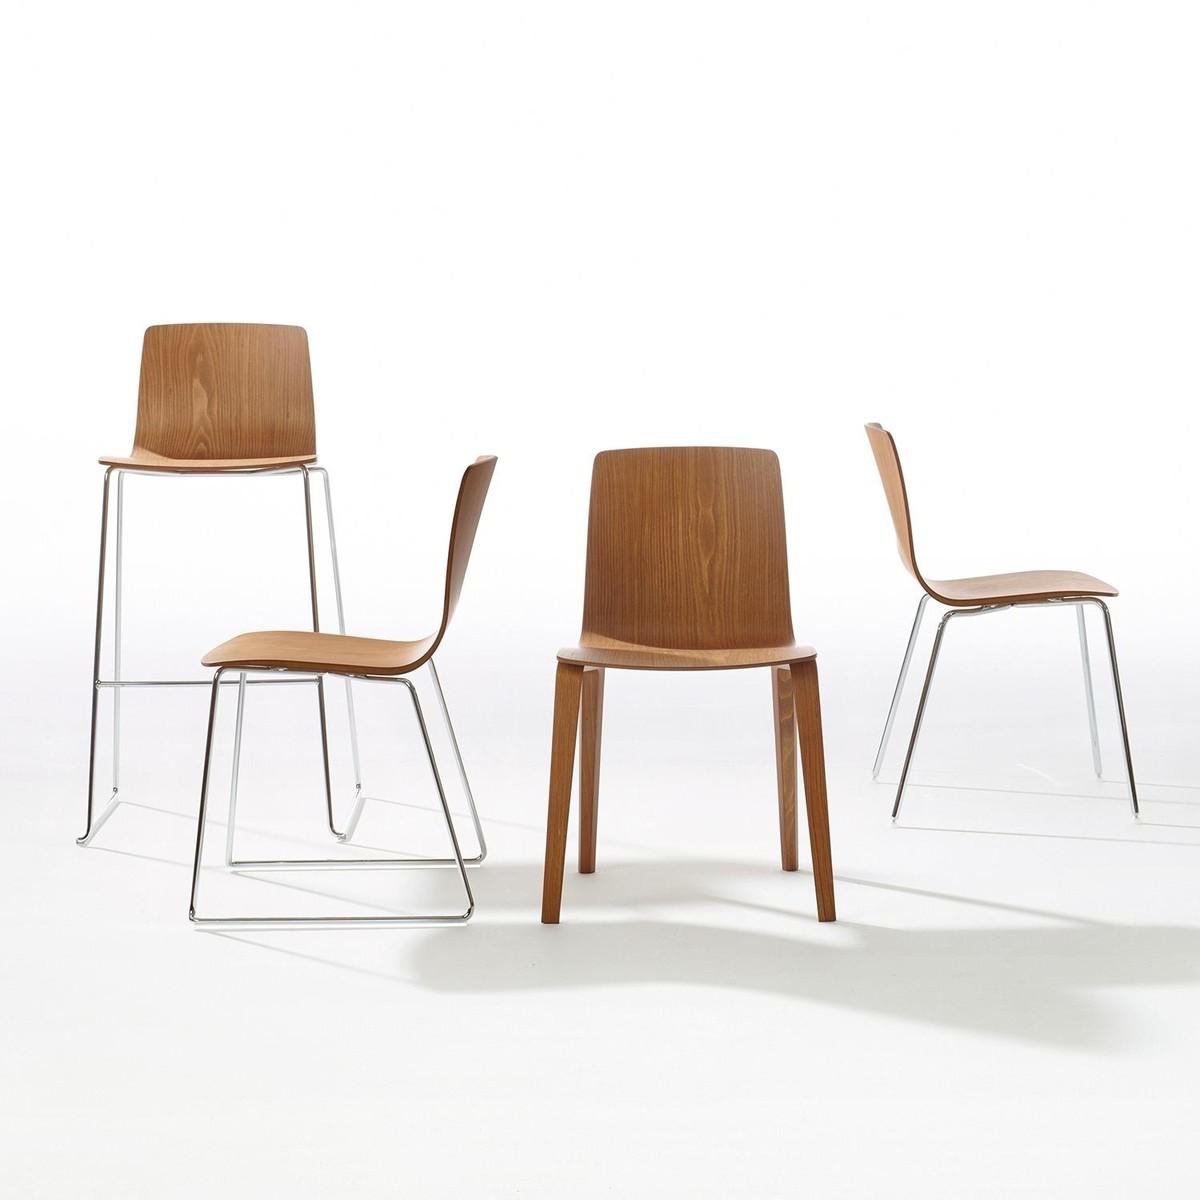 aava stuhl arper. Black Bedroom Furniture Sets. Home Design Ideas